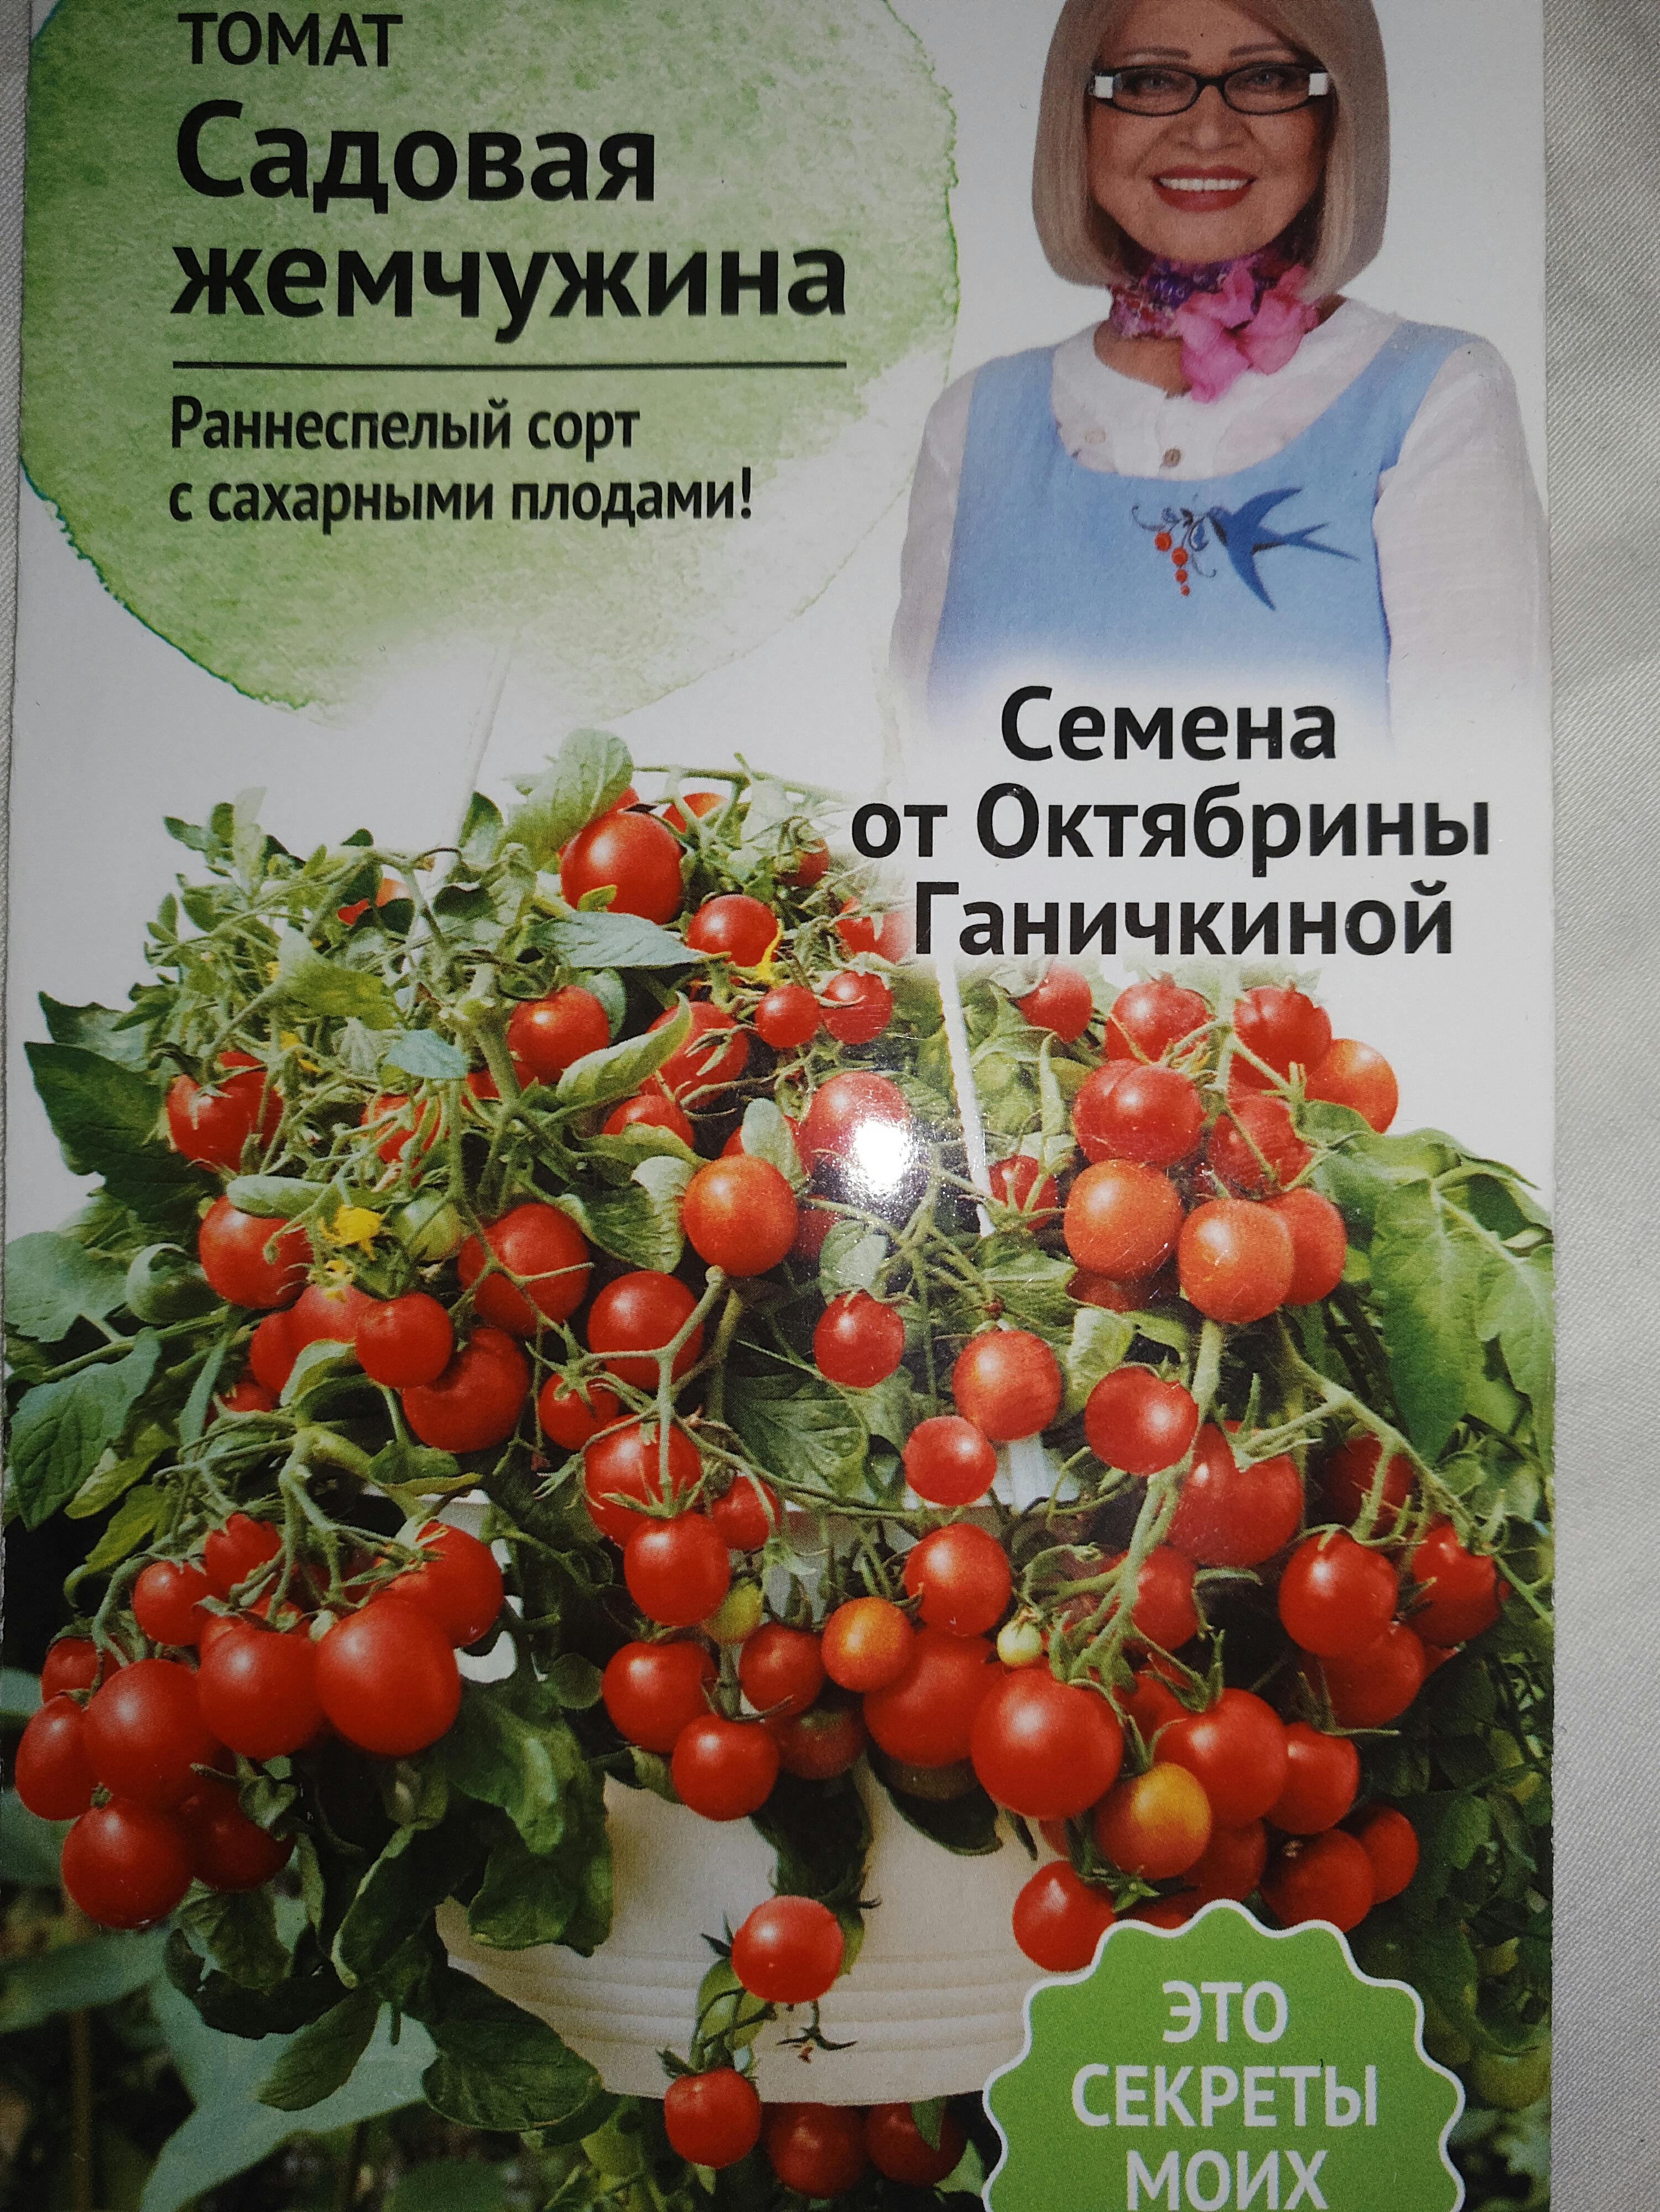 Ампельные томаты   описание 12 лучших сортов с фото, выращивание   +отзывы